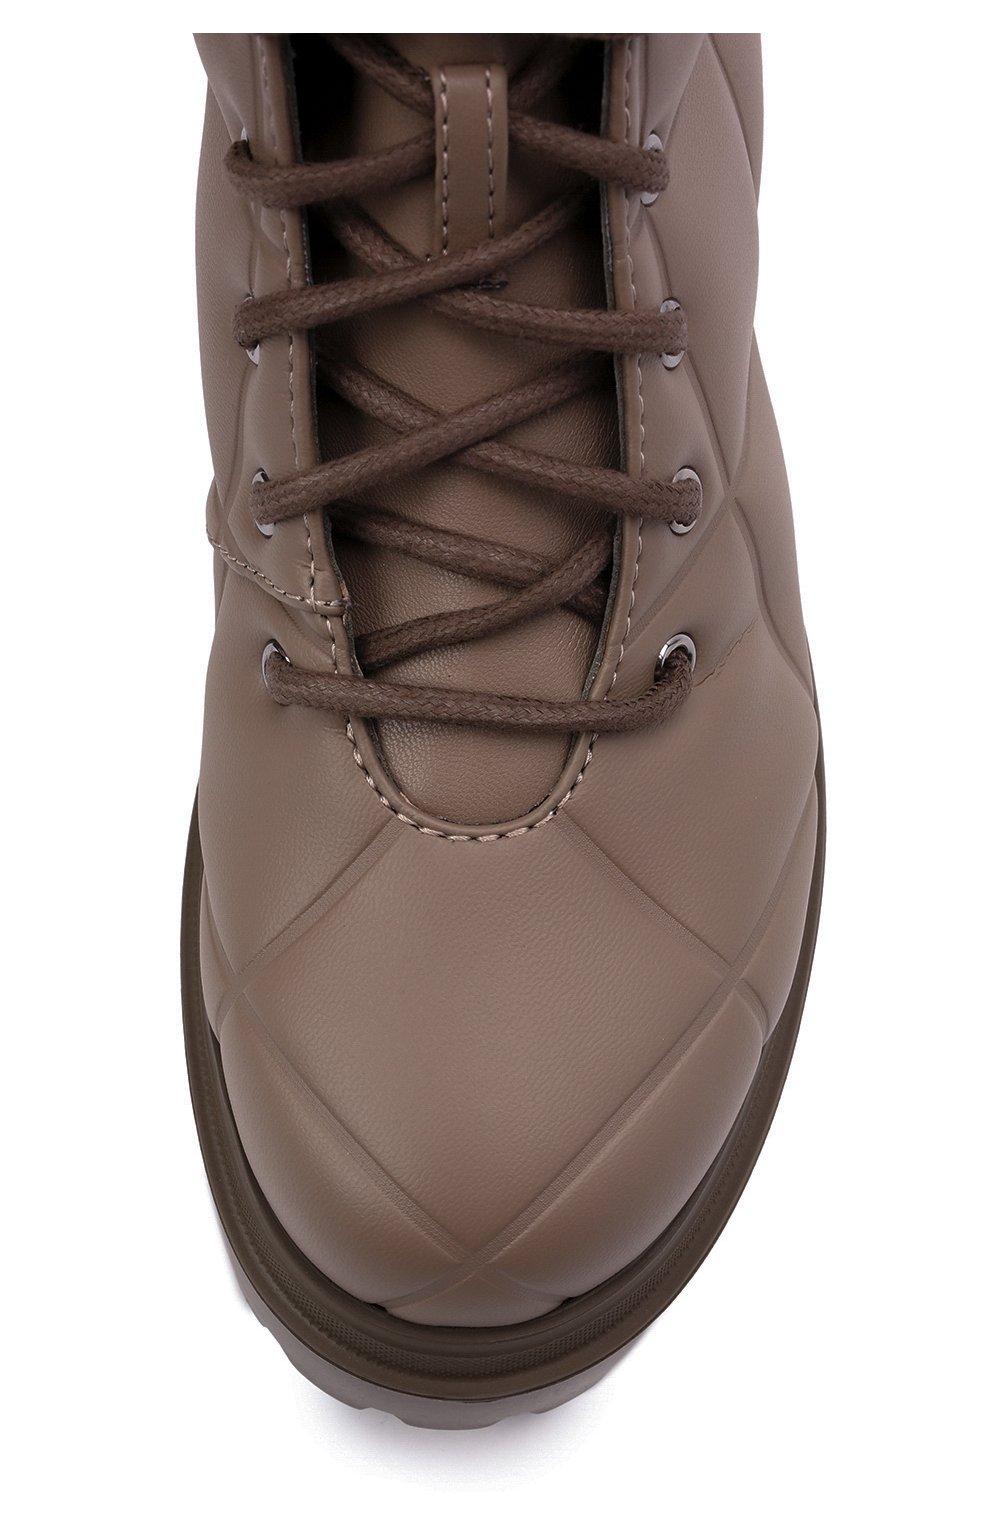 Женские комбинированные ботинки ranger LE SILLA серого цвета, арт. 6410T020M1PPFAK   Фото 5 (Материал внешний: Экокожа, Текстиль; Подошва: Платформа, Плоская; Каблук высота: Низкий; Женское Кросс-КТ: Военные ботинки; Материал внутренний: Натуральная кожа)